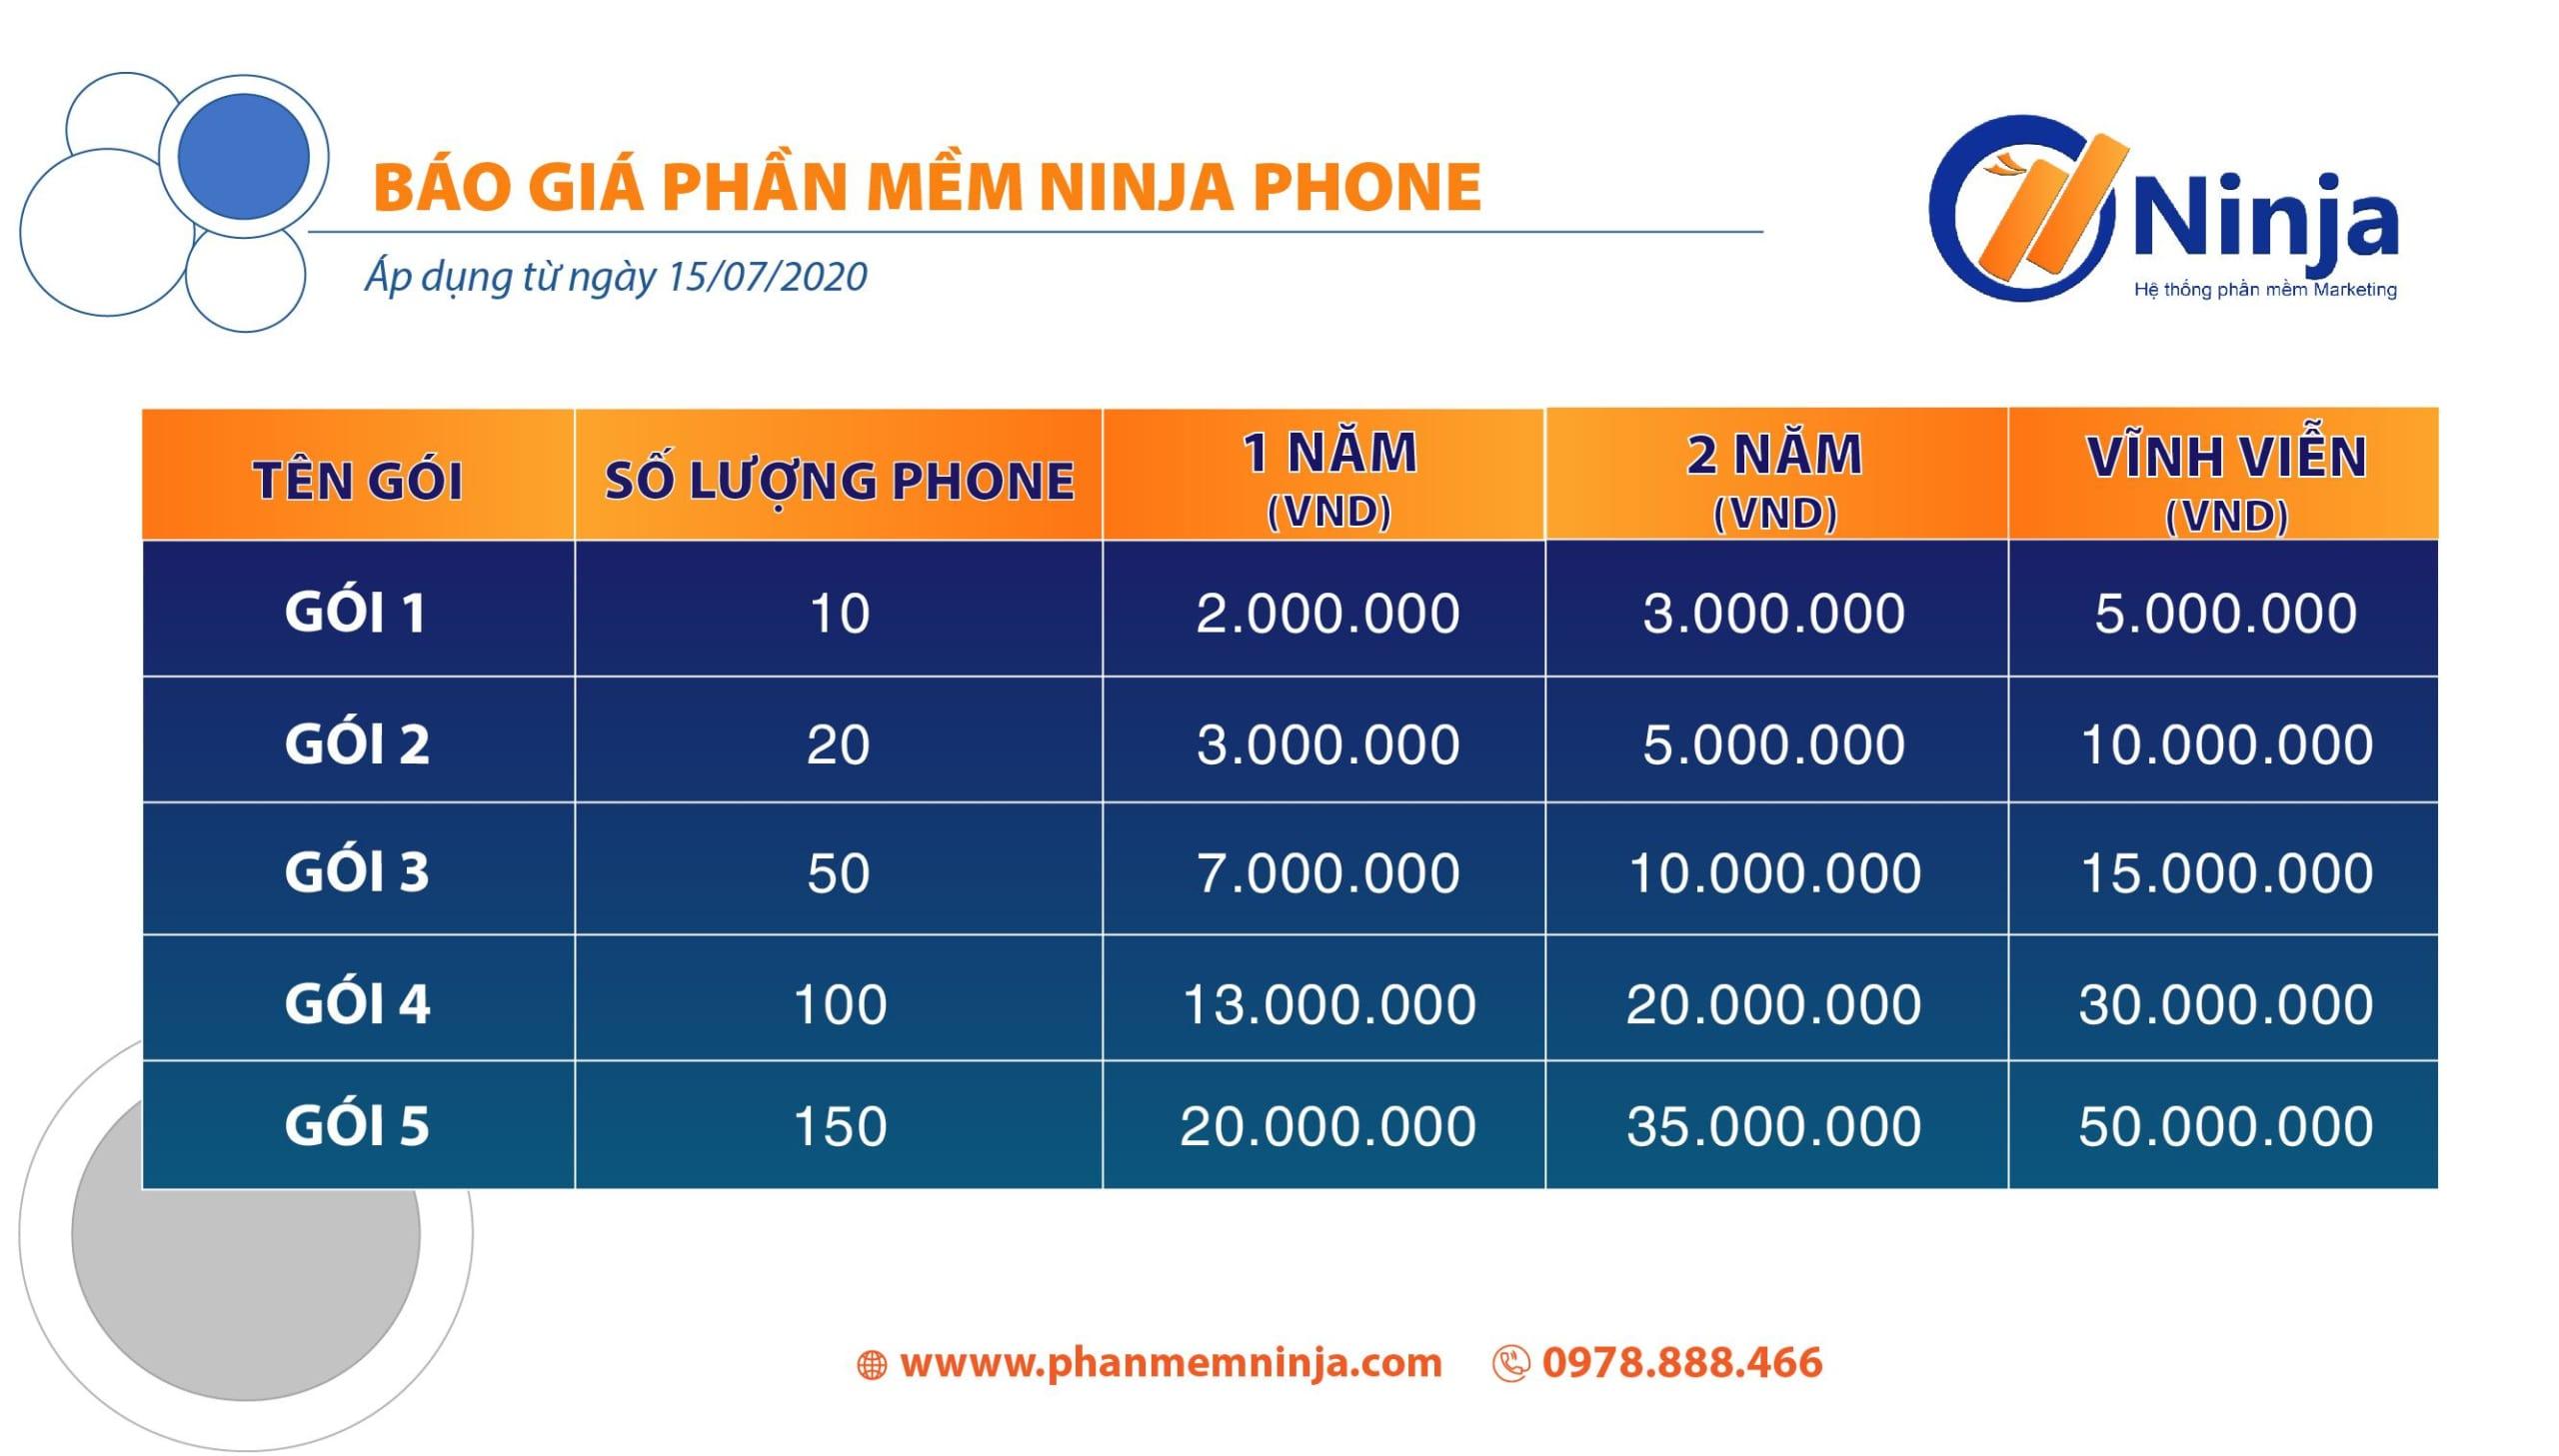 ninja phone bao gia scaled Phần mềm nuôi nick facebook trên điện thoại tự động Ninja Phone